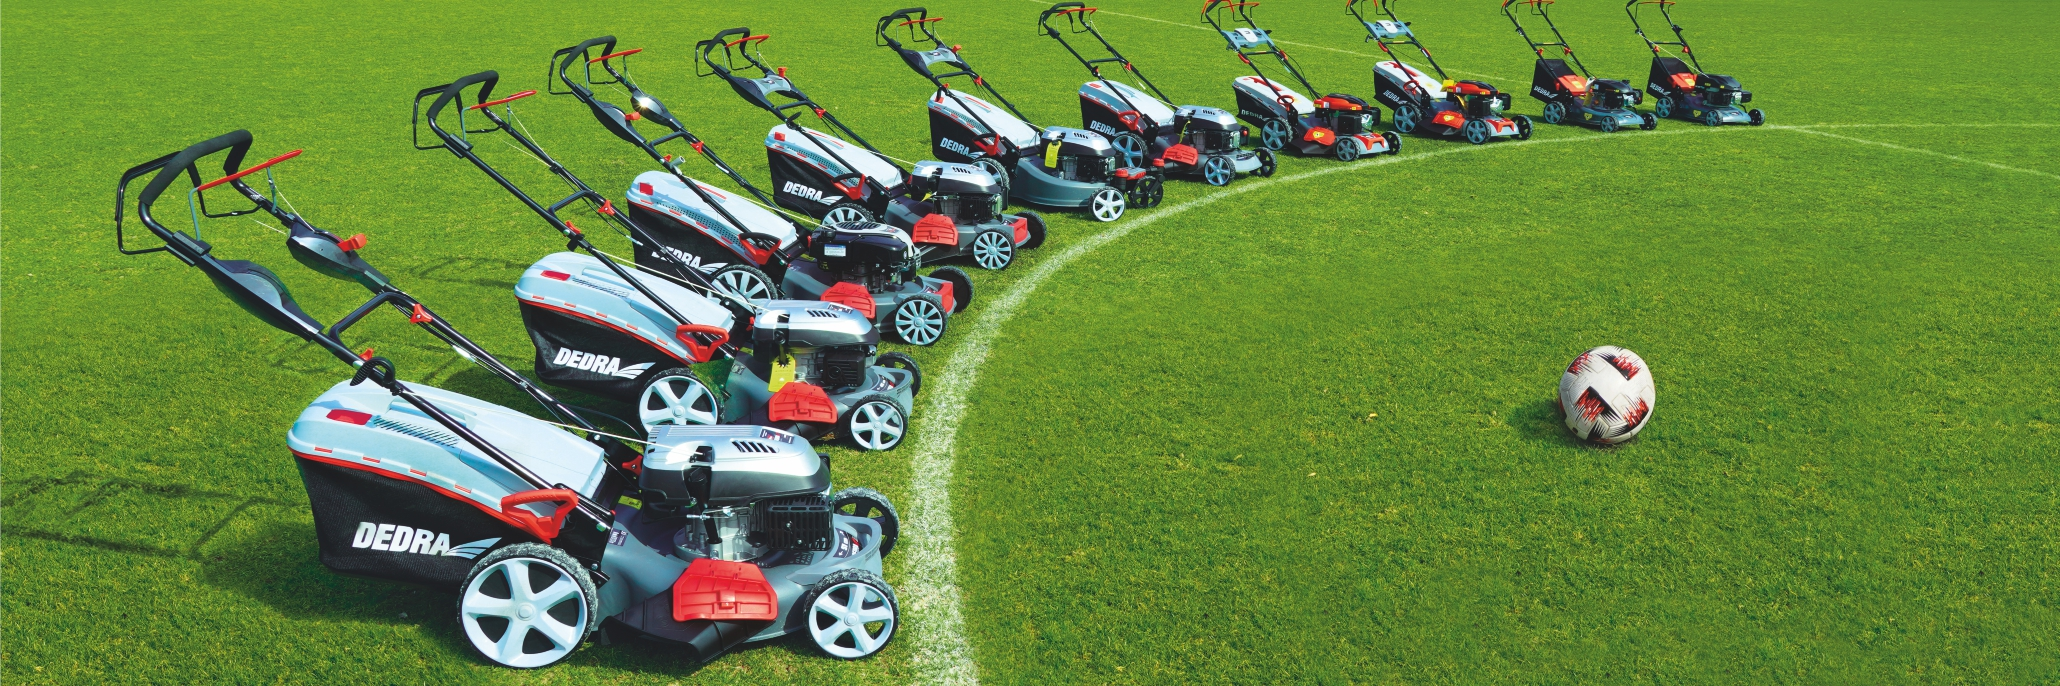 pielegnacja-twojego-trawnika-dedra-w-ogrodzie